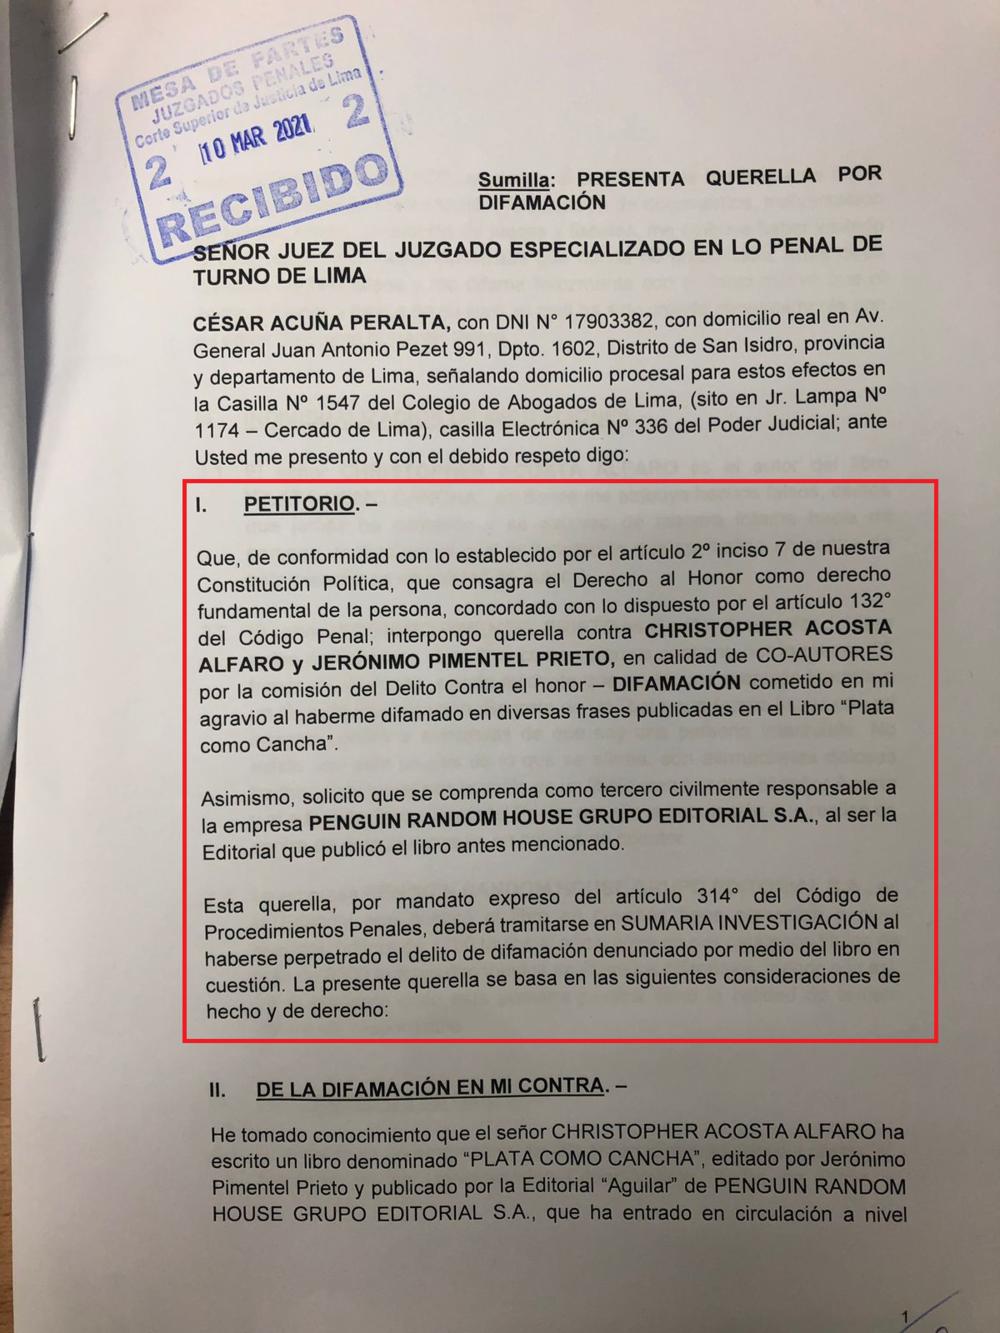 Documento de la denuncia presentada por César Acuña contra Cristopher Acosta y la editorial Penguin Random House